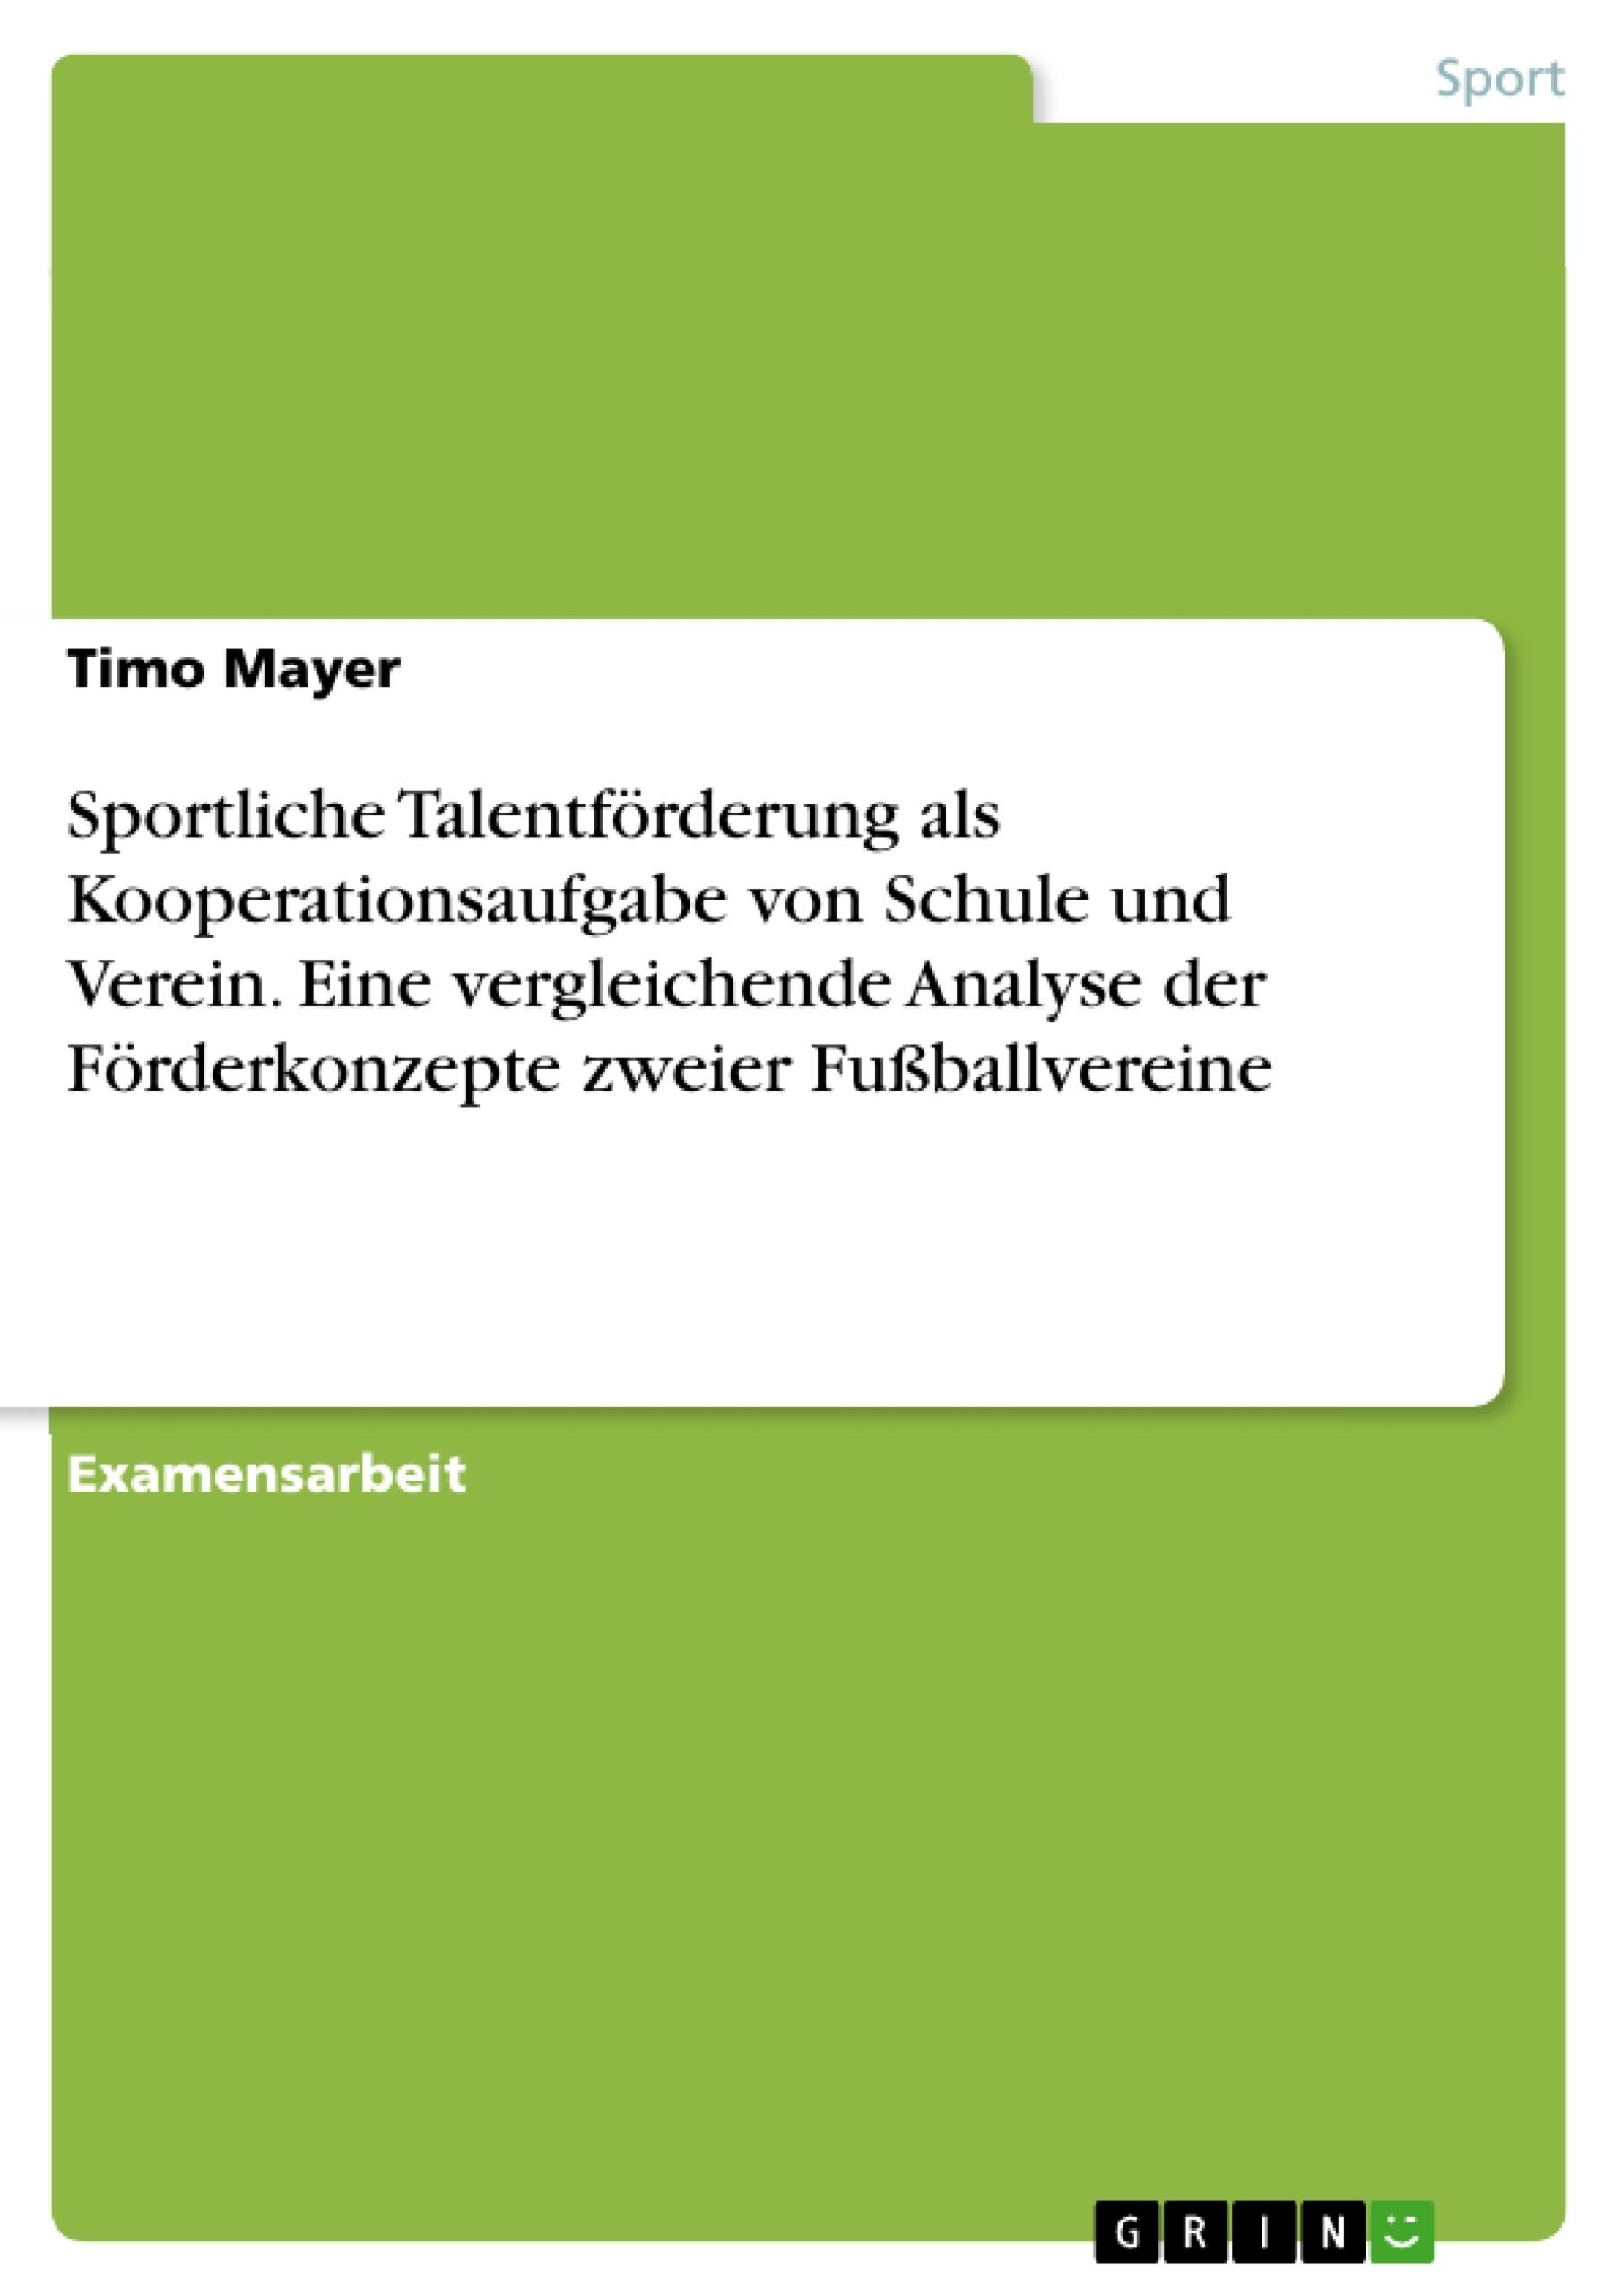 Titel: Sportliche Talentförderung als Kooperationsaufgabe von Schule und Verein. Eine vergleichende Analyse der Förderkonzepte zweier Fußballvereine